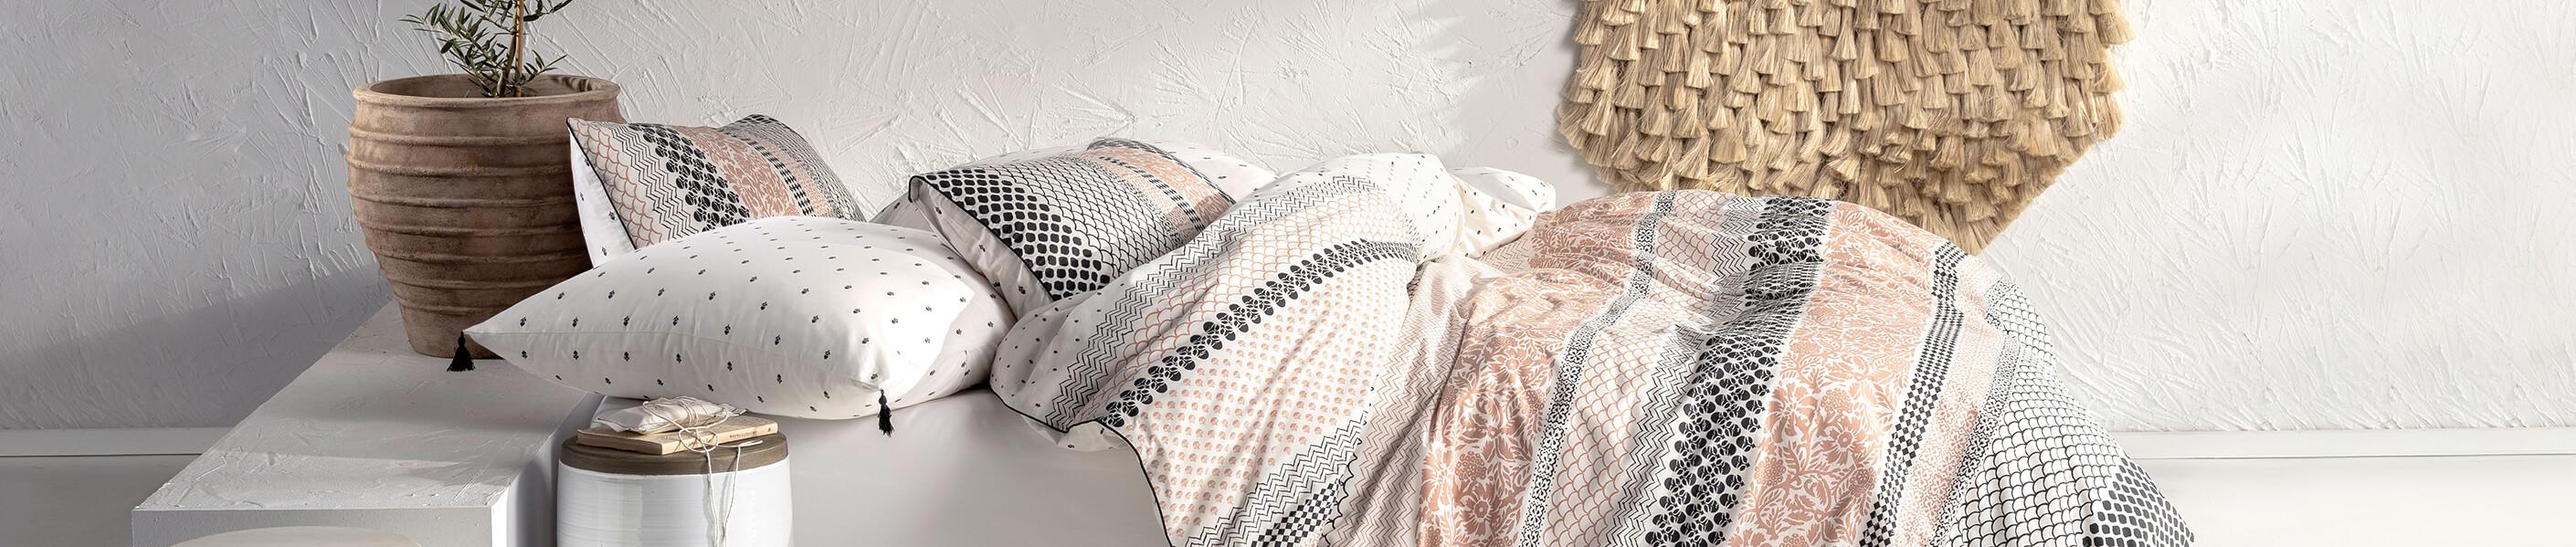 Super King Bedding